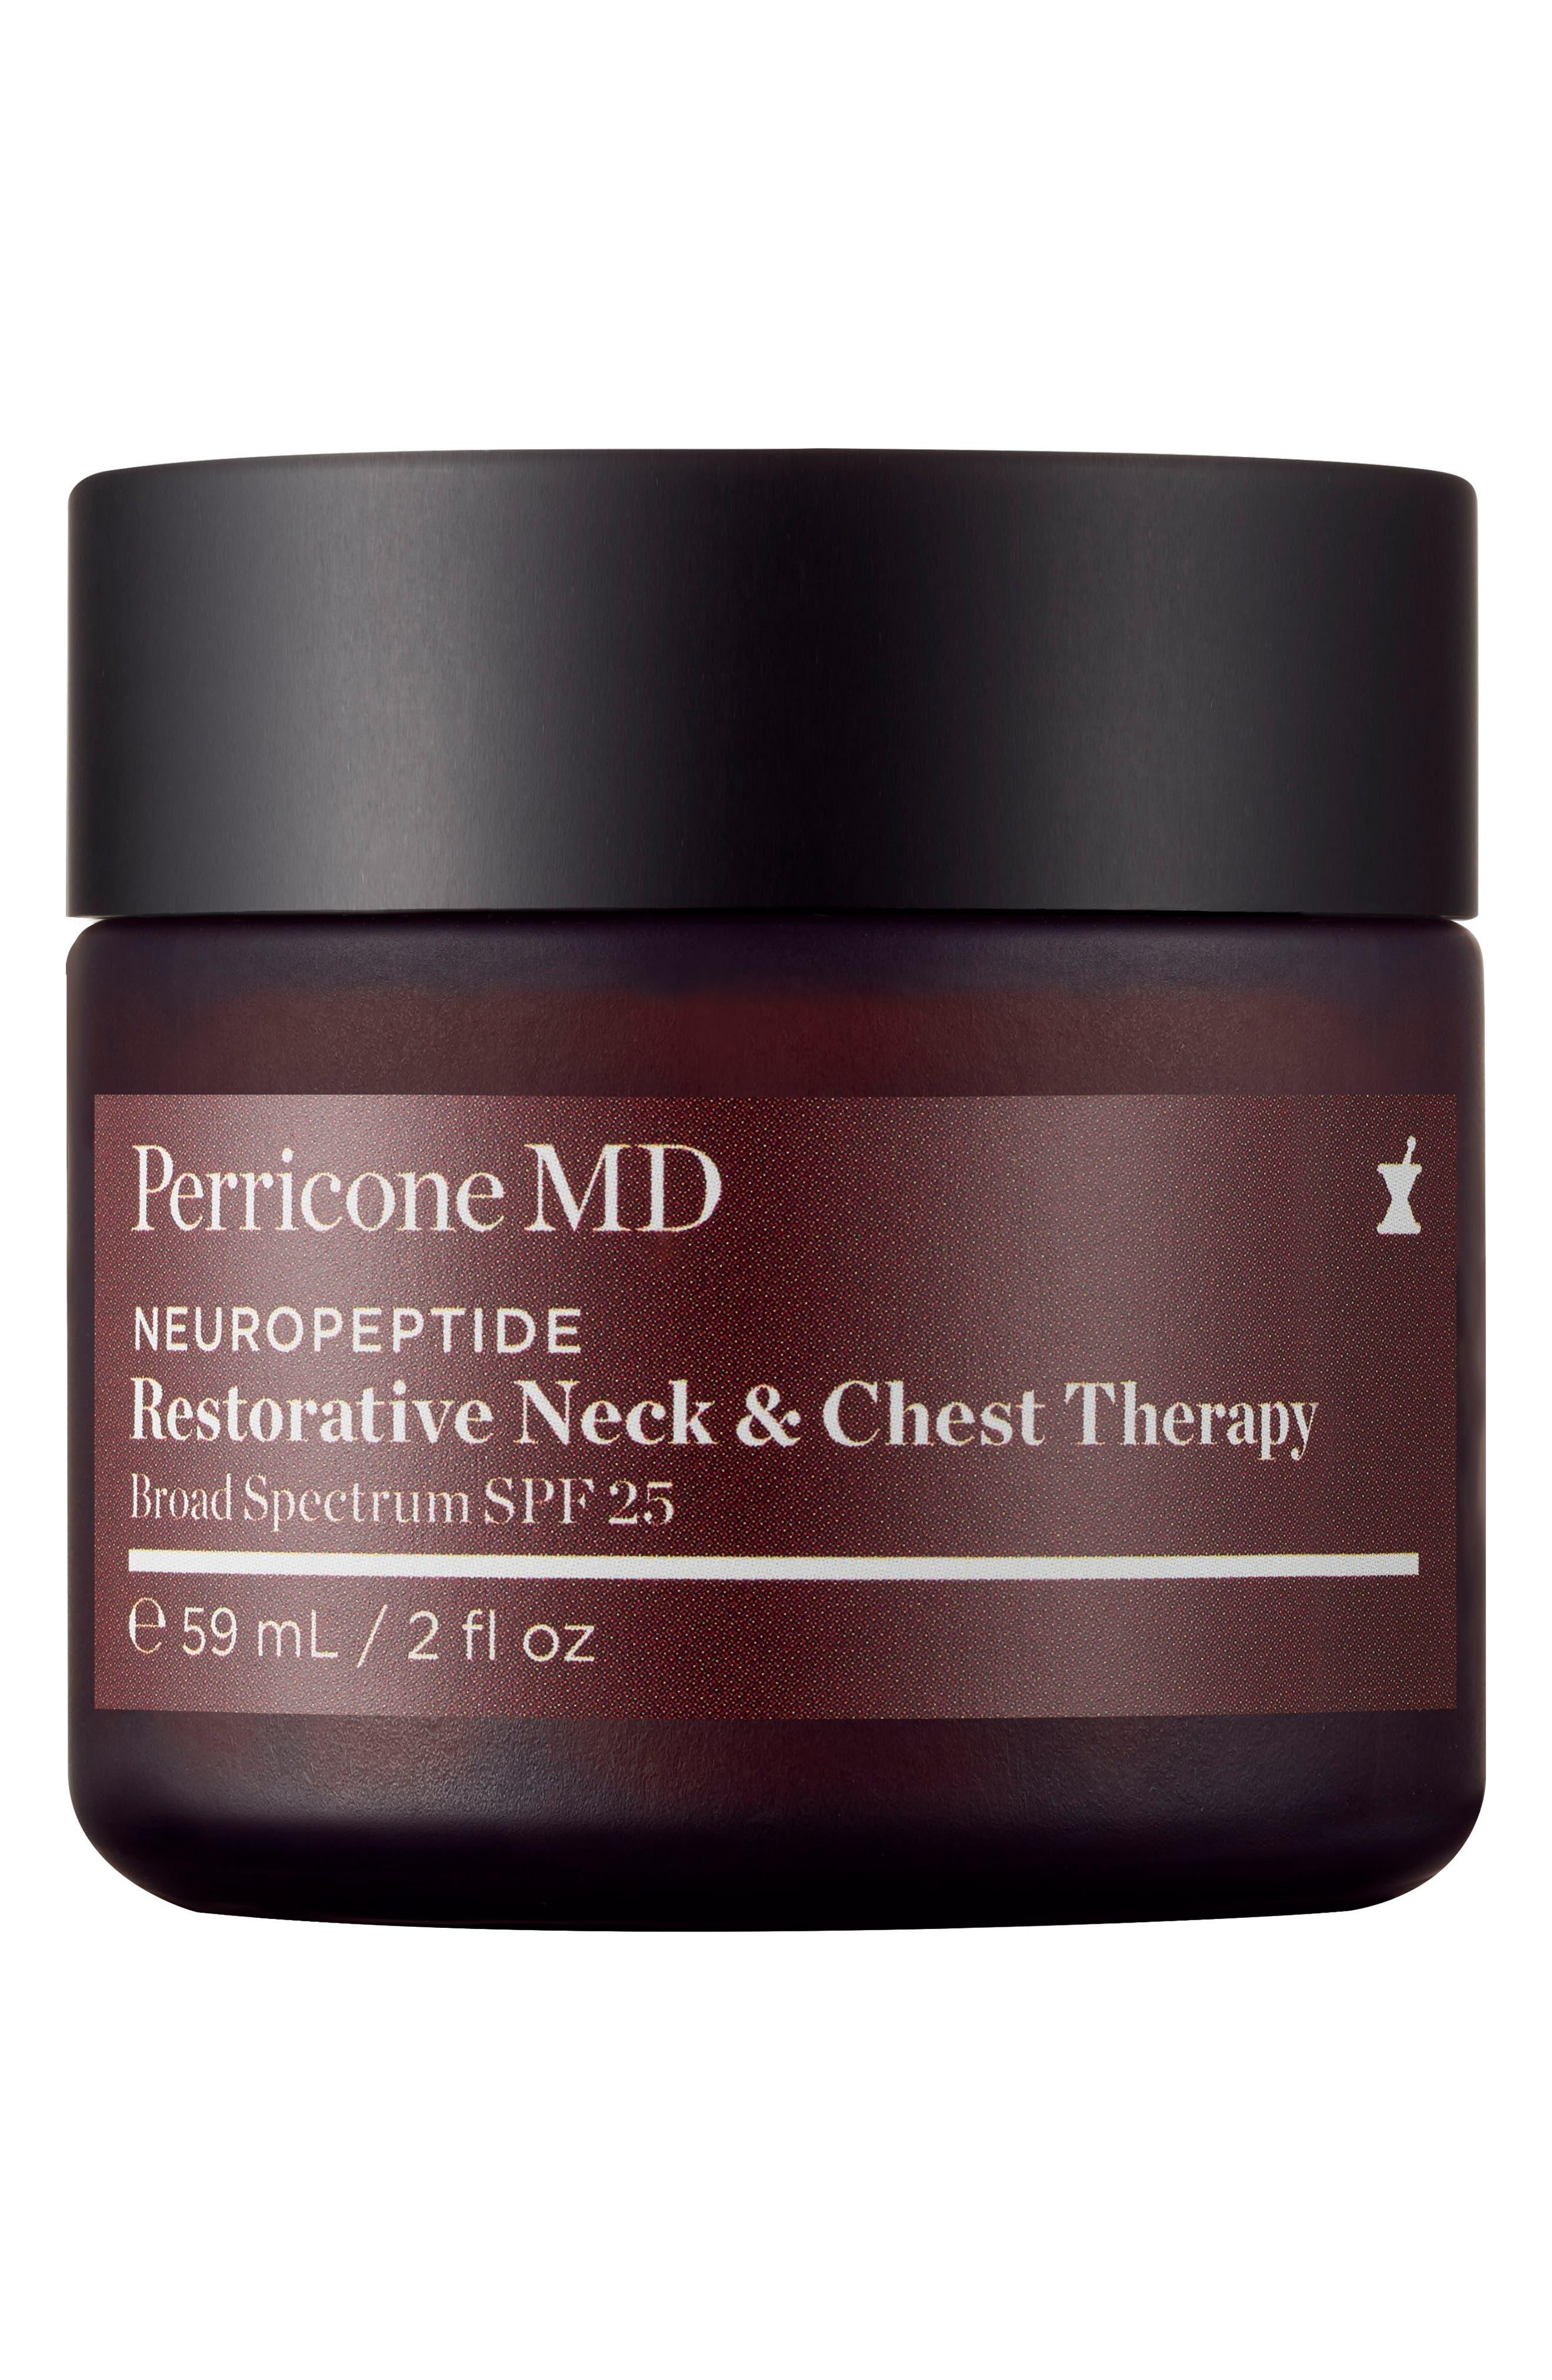 Neuropeptide Restorative Neck & Chest Therapy SPF 25,                         Main,                         color,